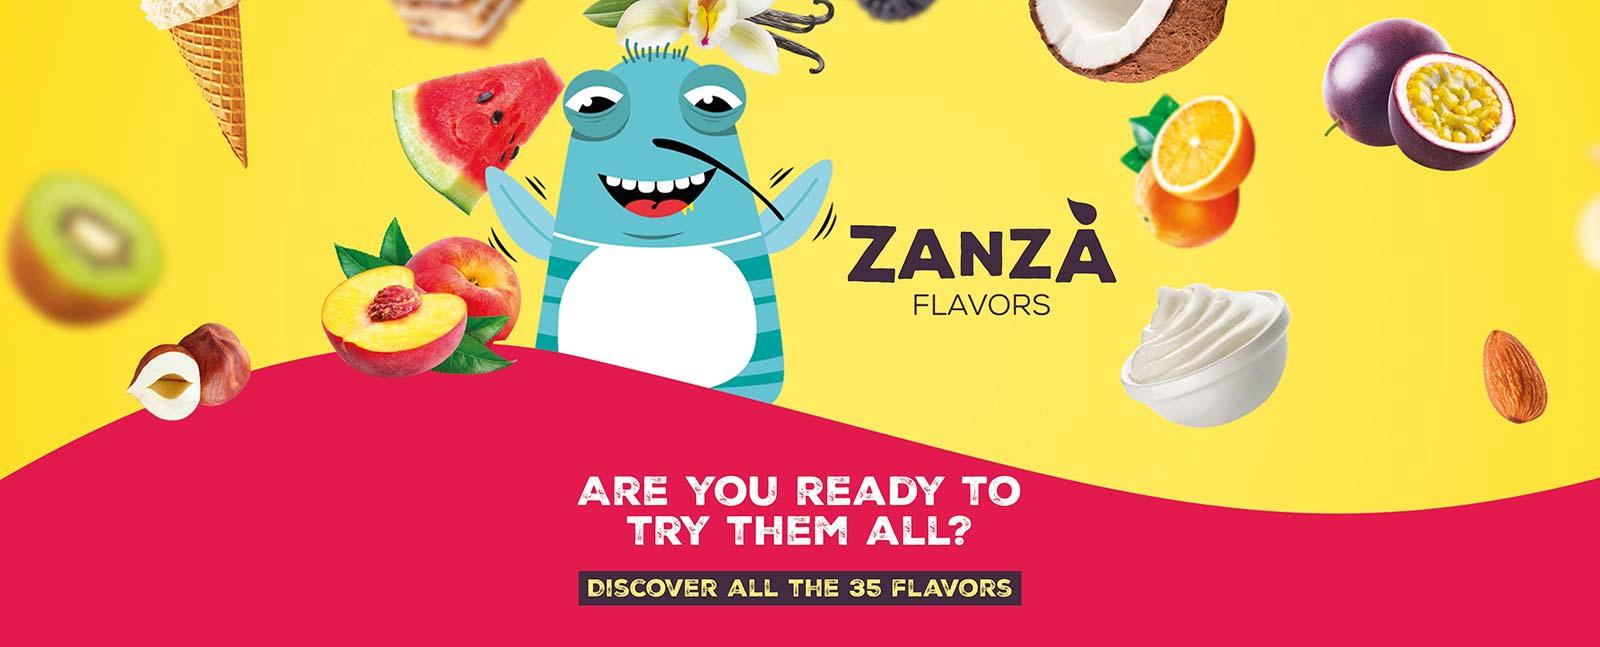 zanza-vaplo-banner-11052021.jpg